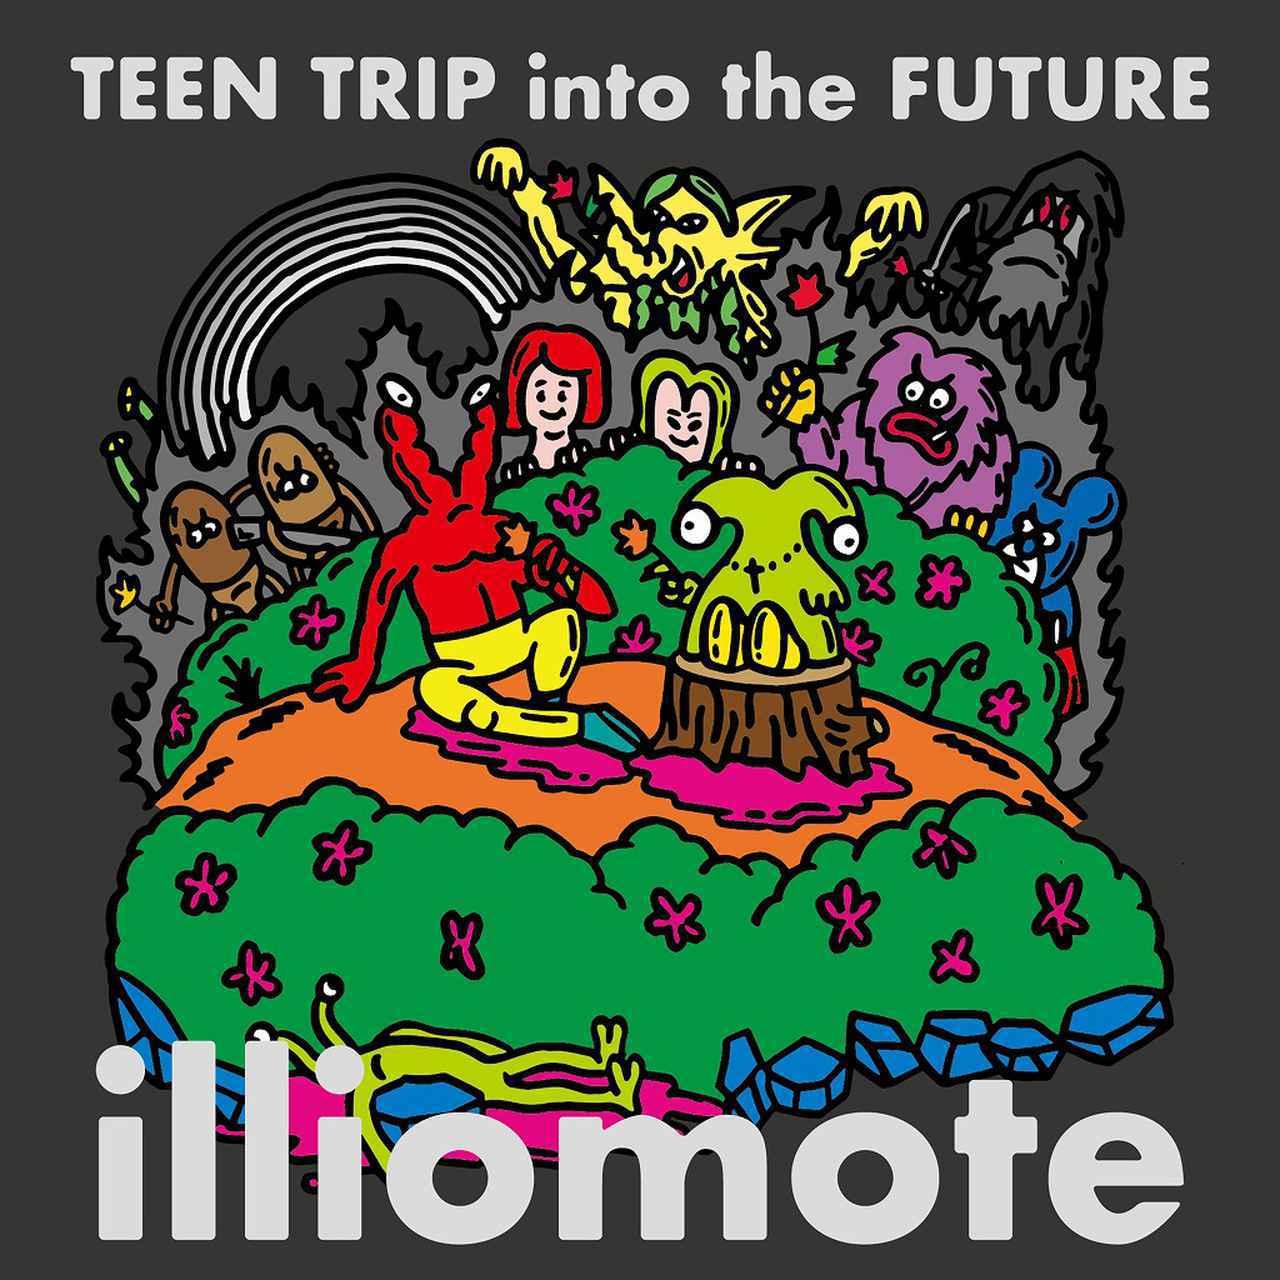 画像: Teen Trip Into The Future / illiomote